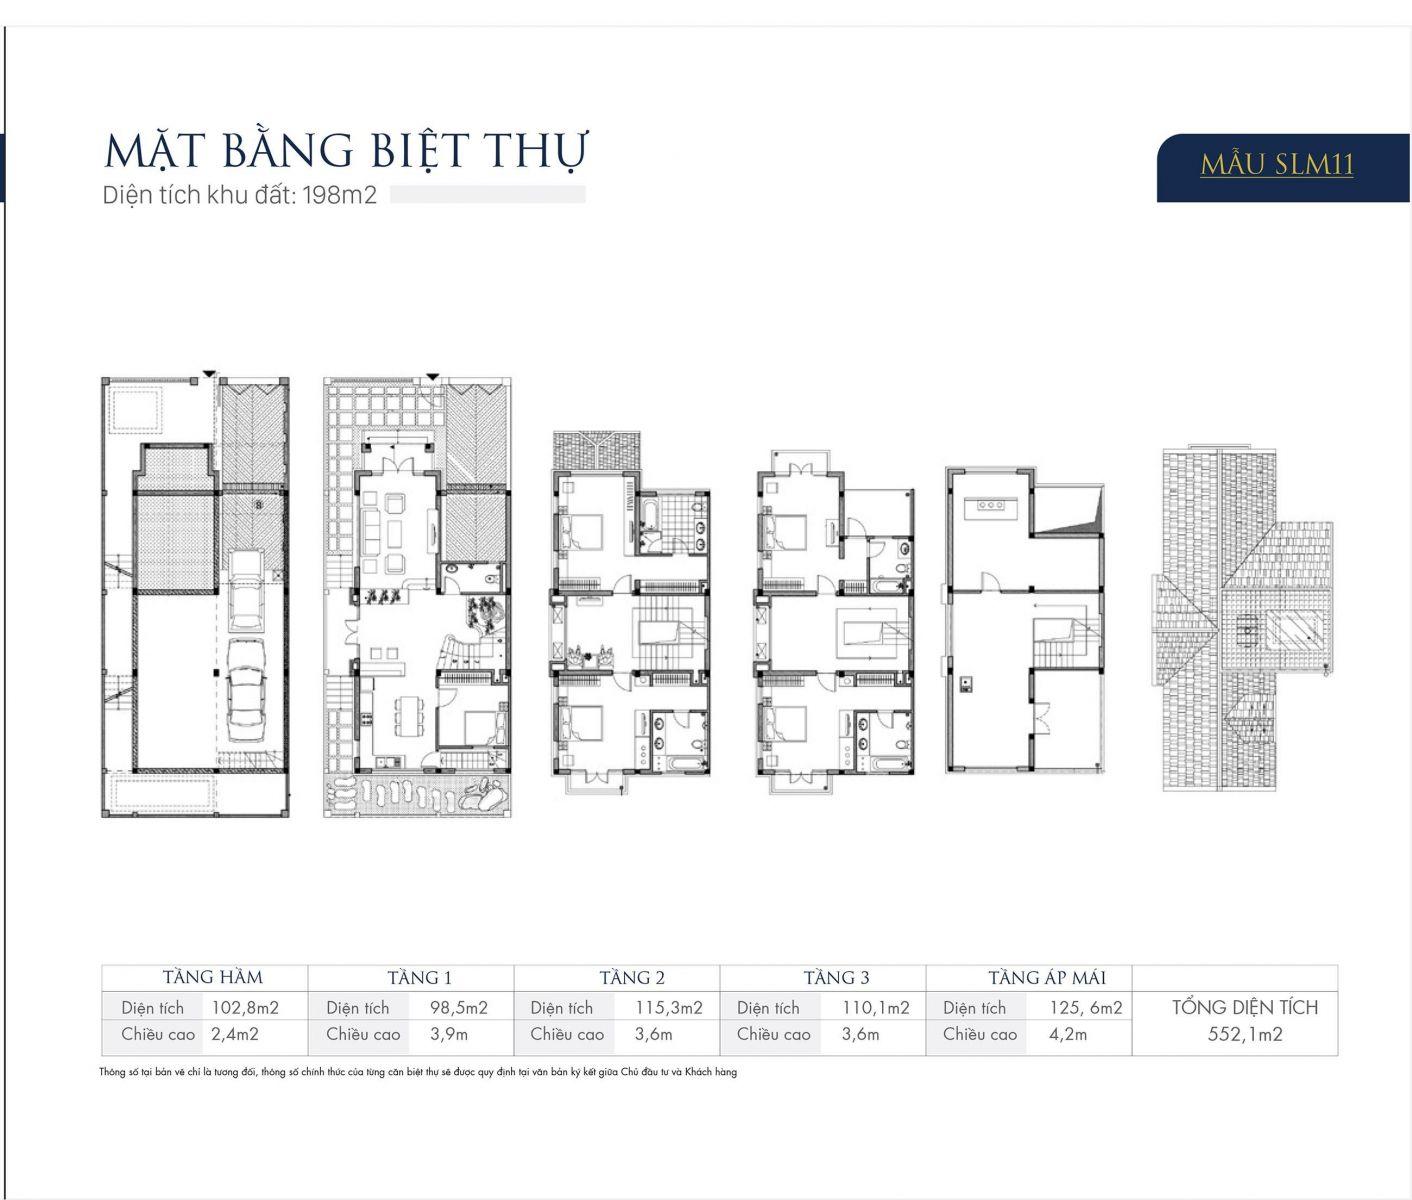 Mặt bằng thiết kế mẫu SLM11 Biệt thự An Khang Villas Dương Nội